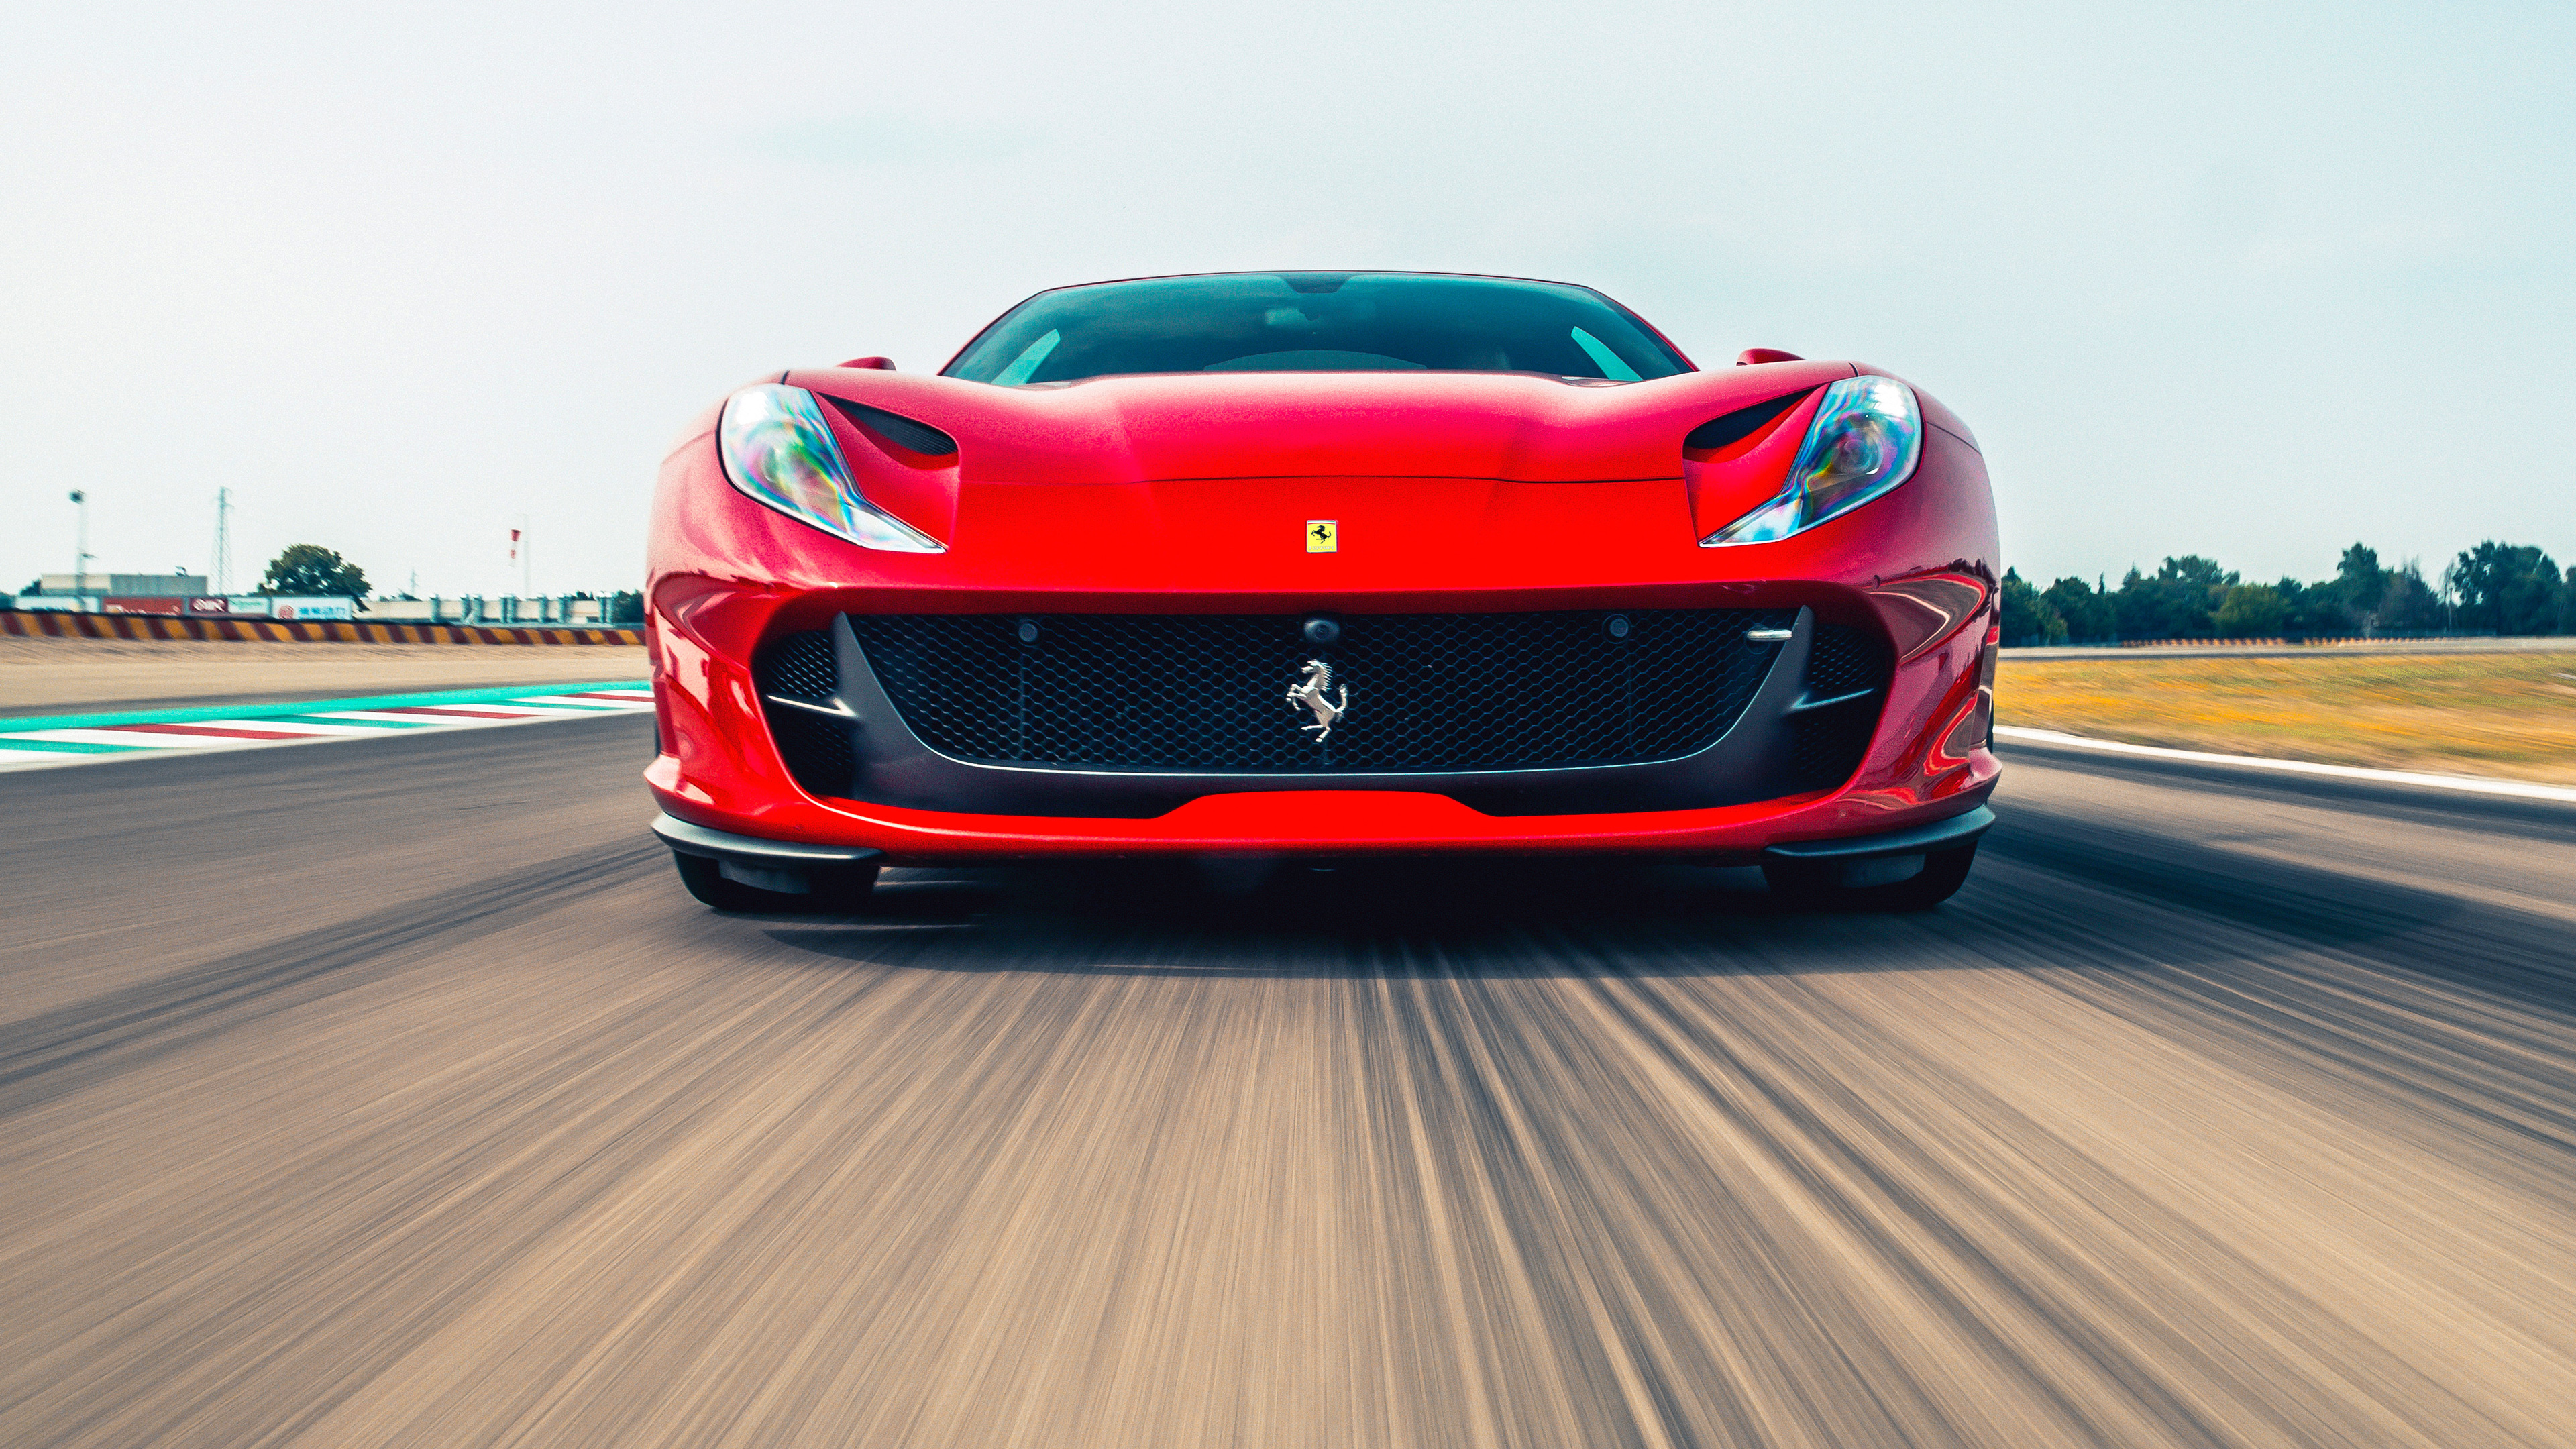 ferrari 812 superfast 1539105968 - Ferrari 812 Superfast - hd-wallpapers, ferrari wallpapers, ferrari 812 wallpapers, 5k wallpapers, 4k-wallpapers, 2018 cars wallpapers